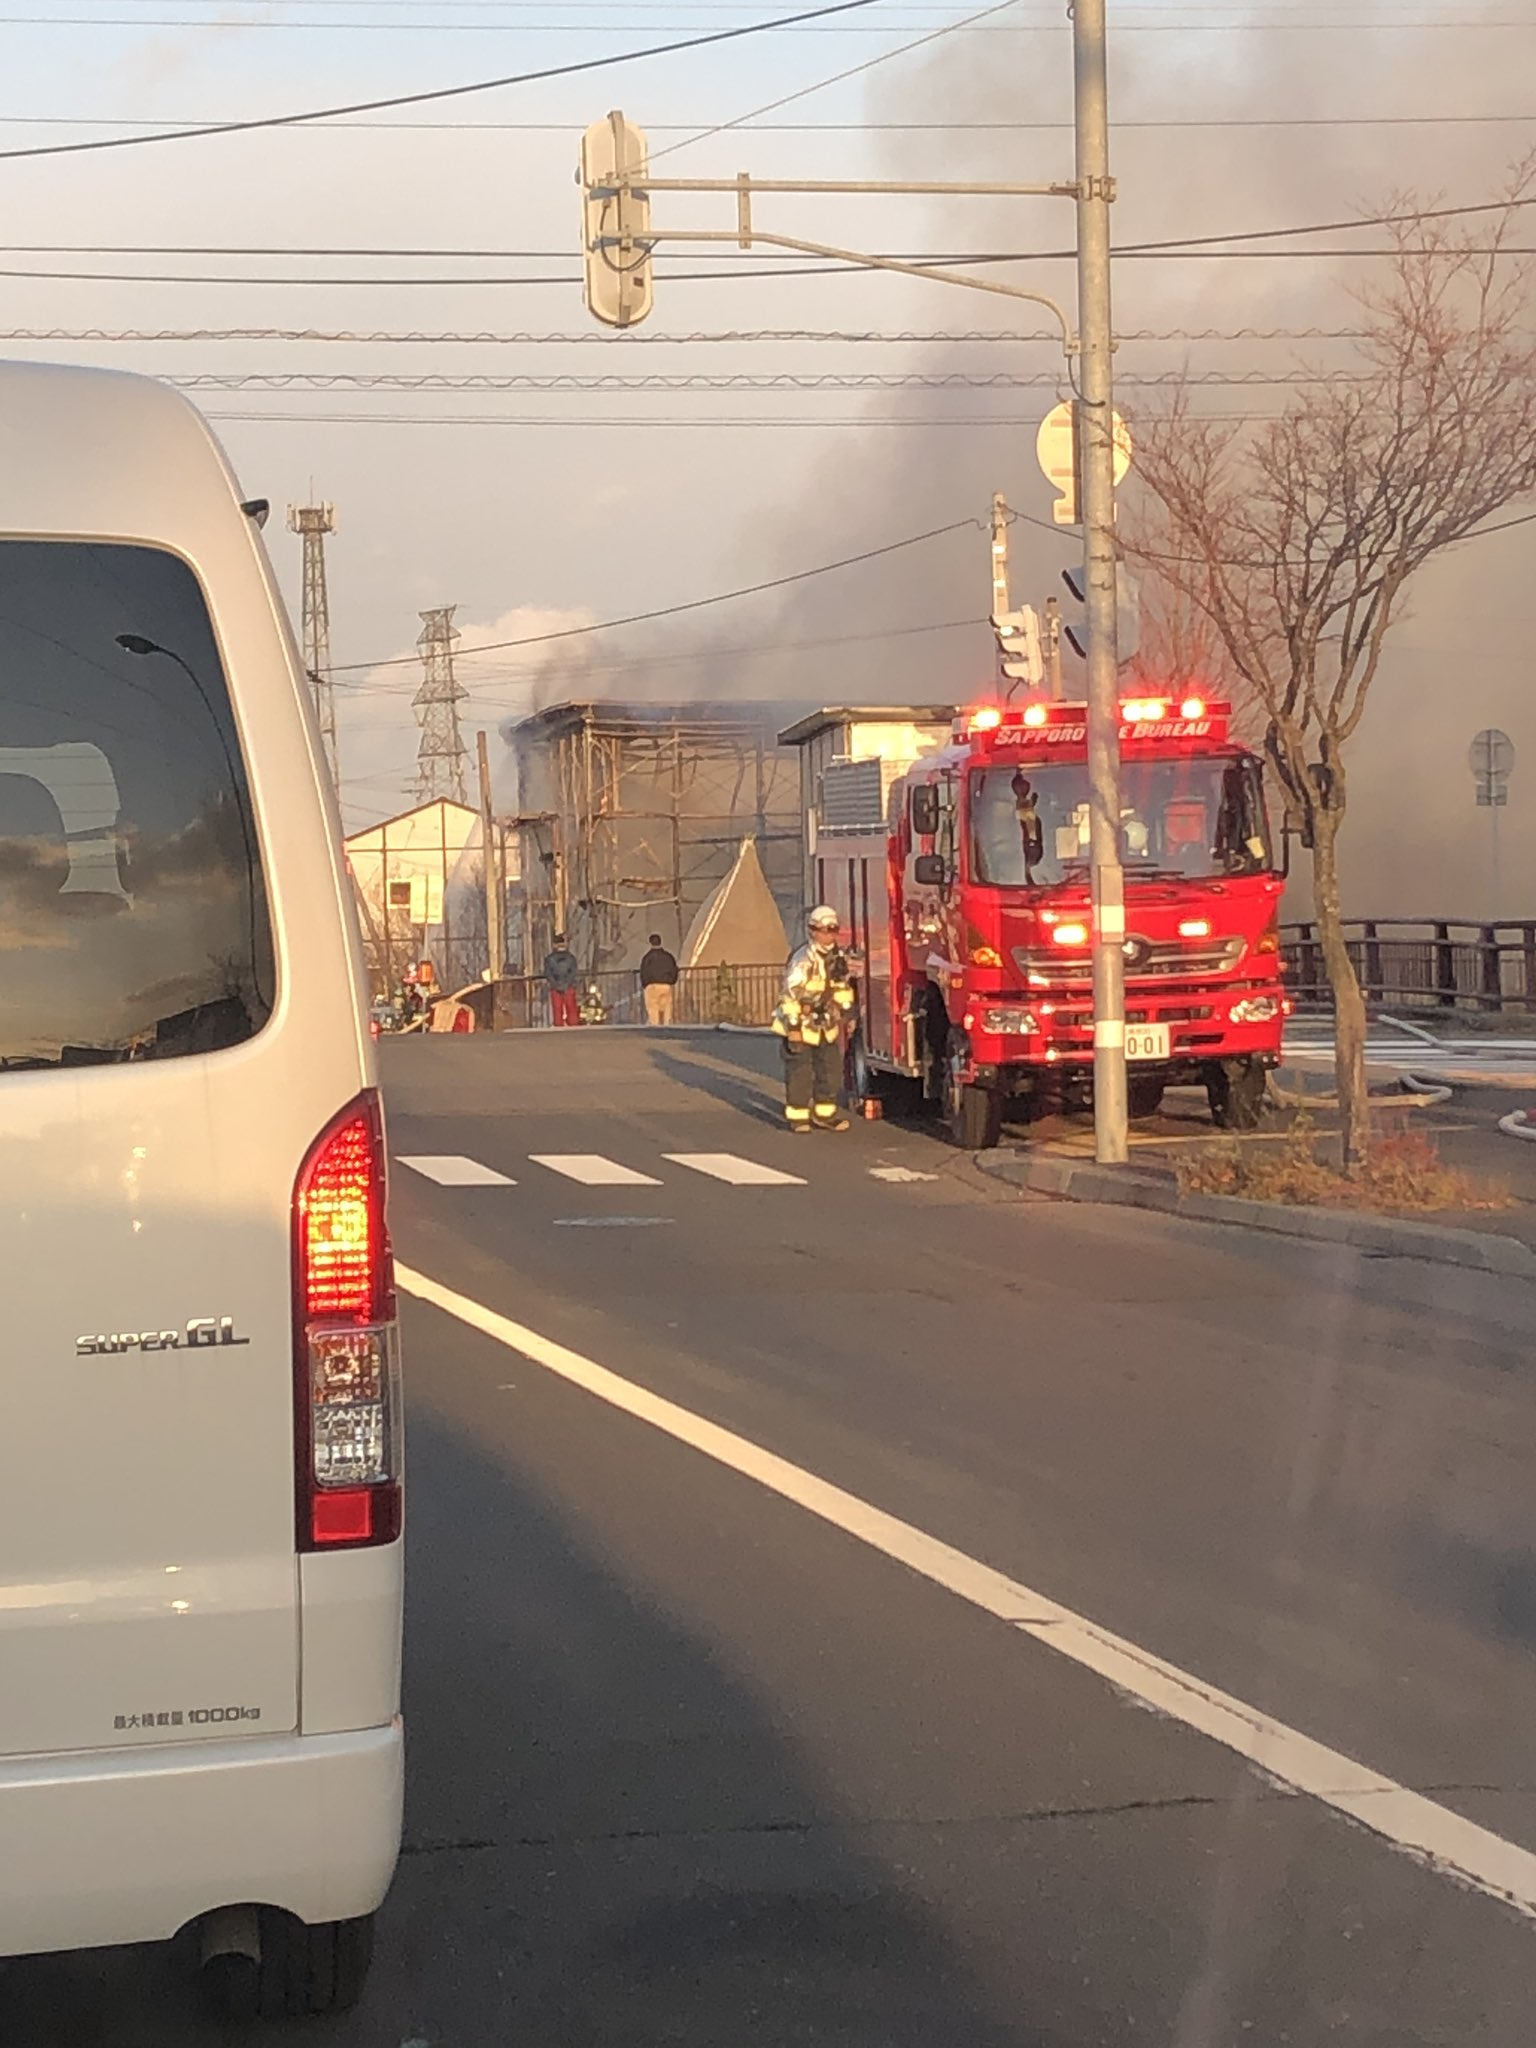 画像,東陵高校の交差点だめっちゃ火事!通行止めになってるから通る人気をつけて! https://t.co/kIBsTZghC8…